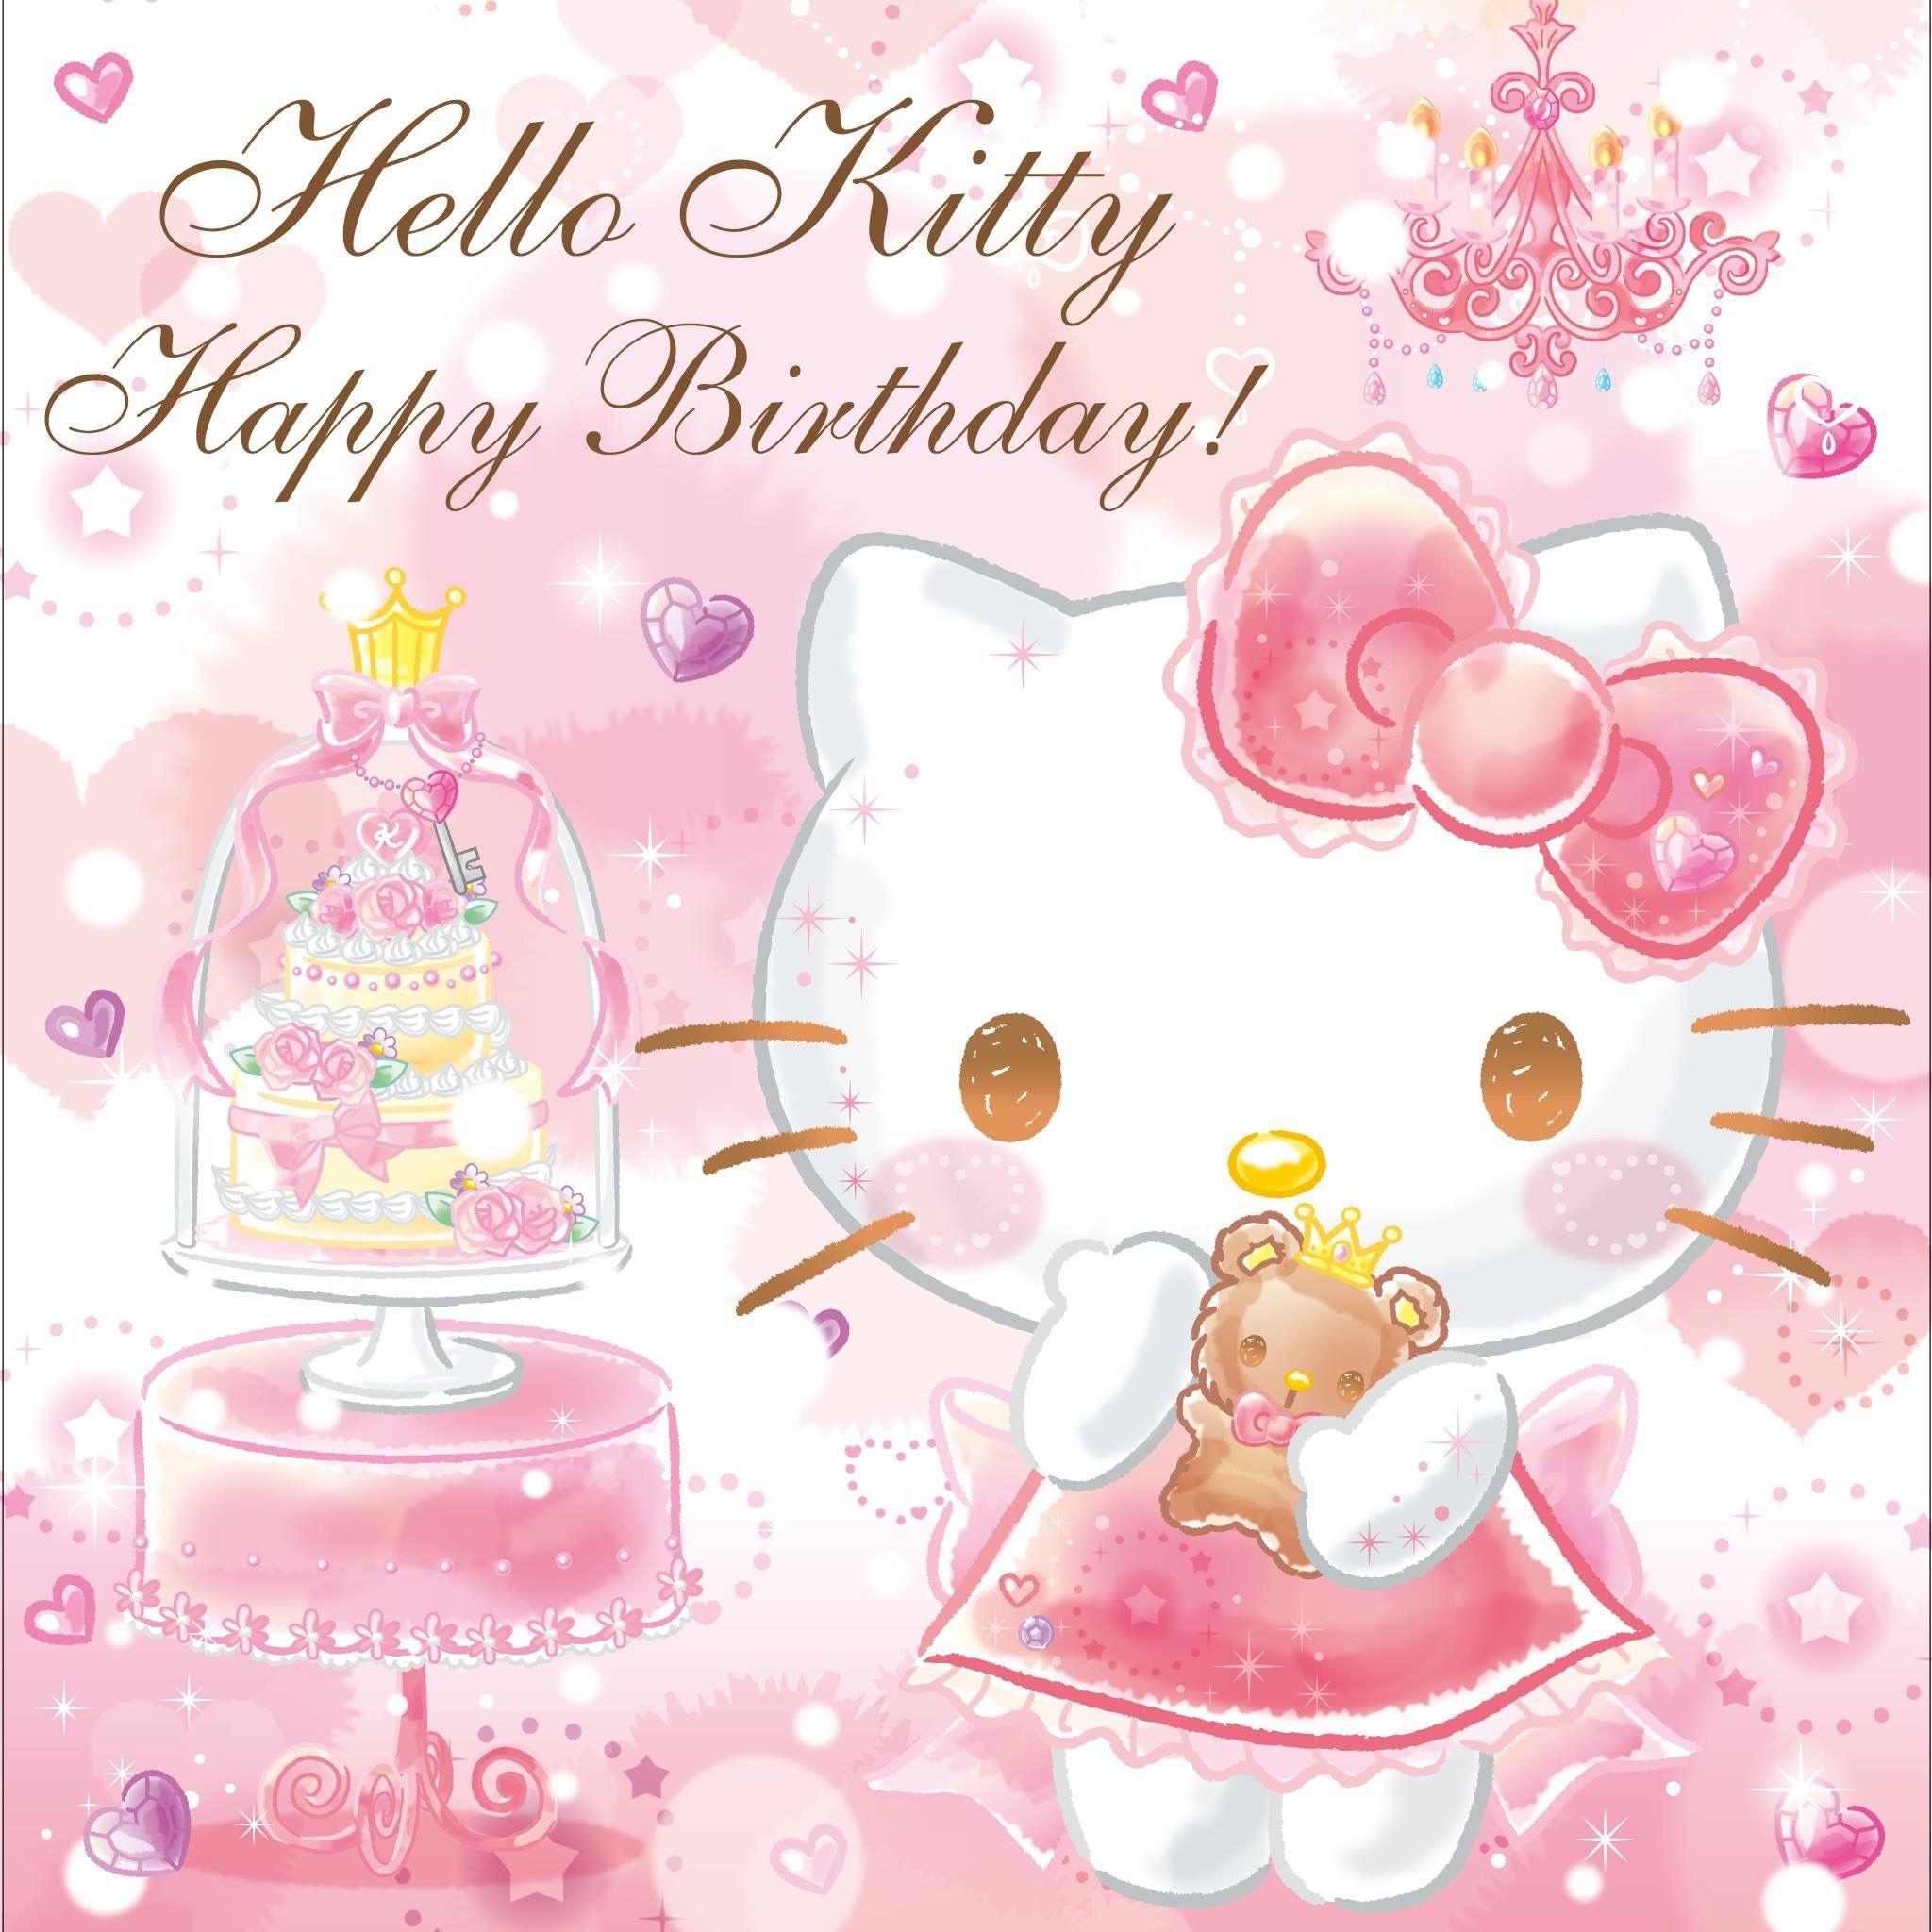 Hello Kitty Happy Birthday Hello Kitty Birthday Hello Kitty Hello Kitty Images